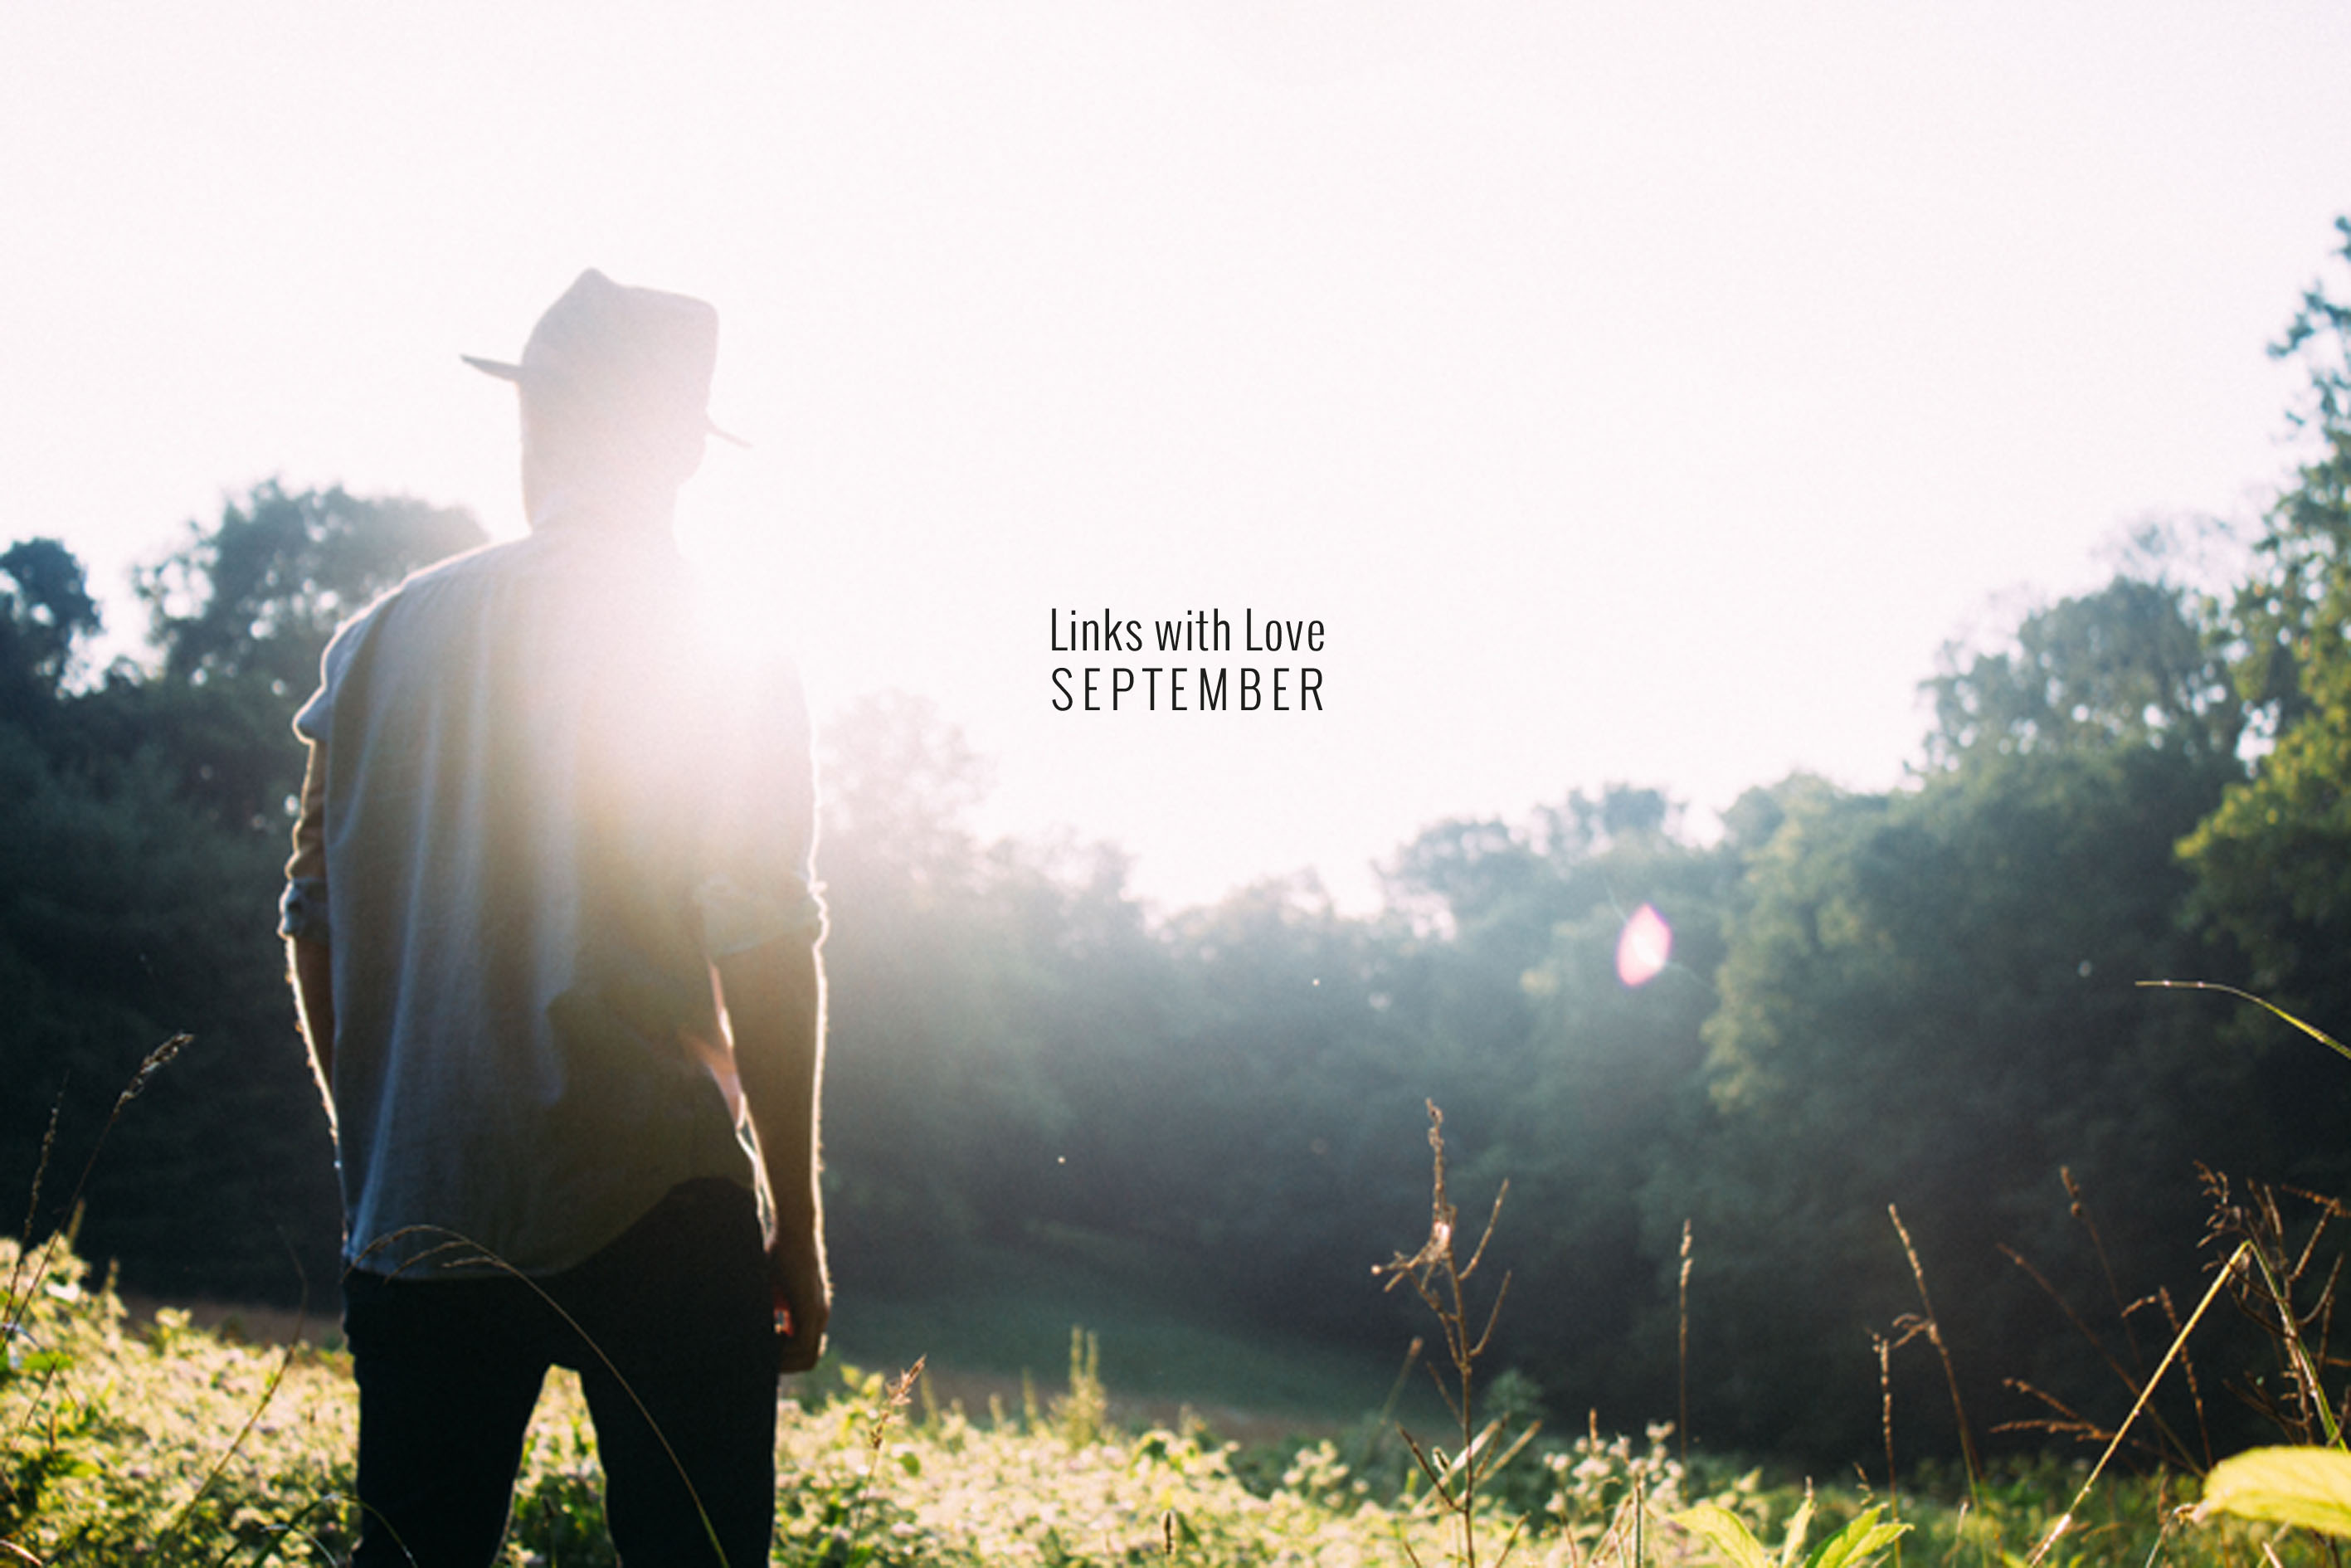 Links with Love | unsplash.com